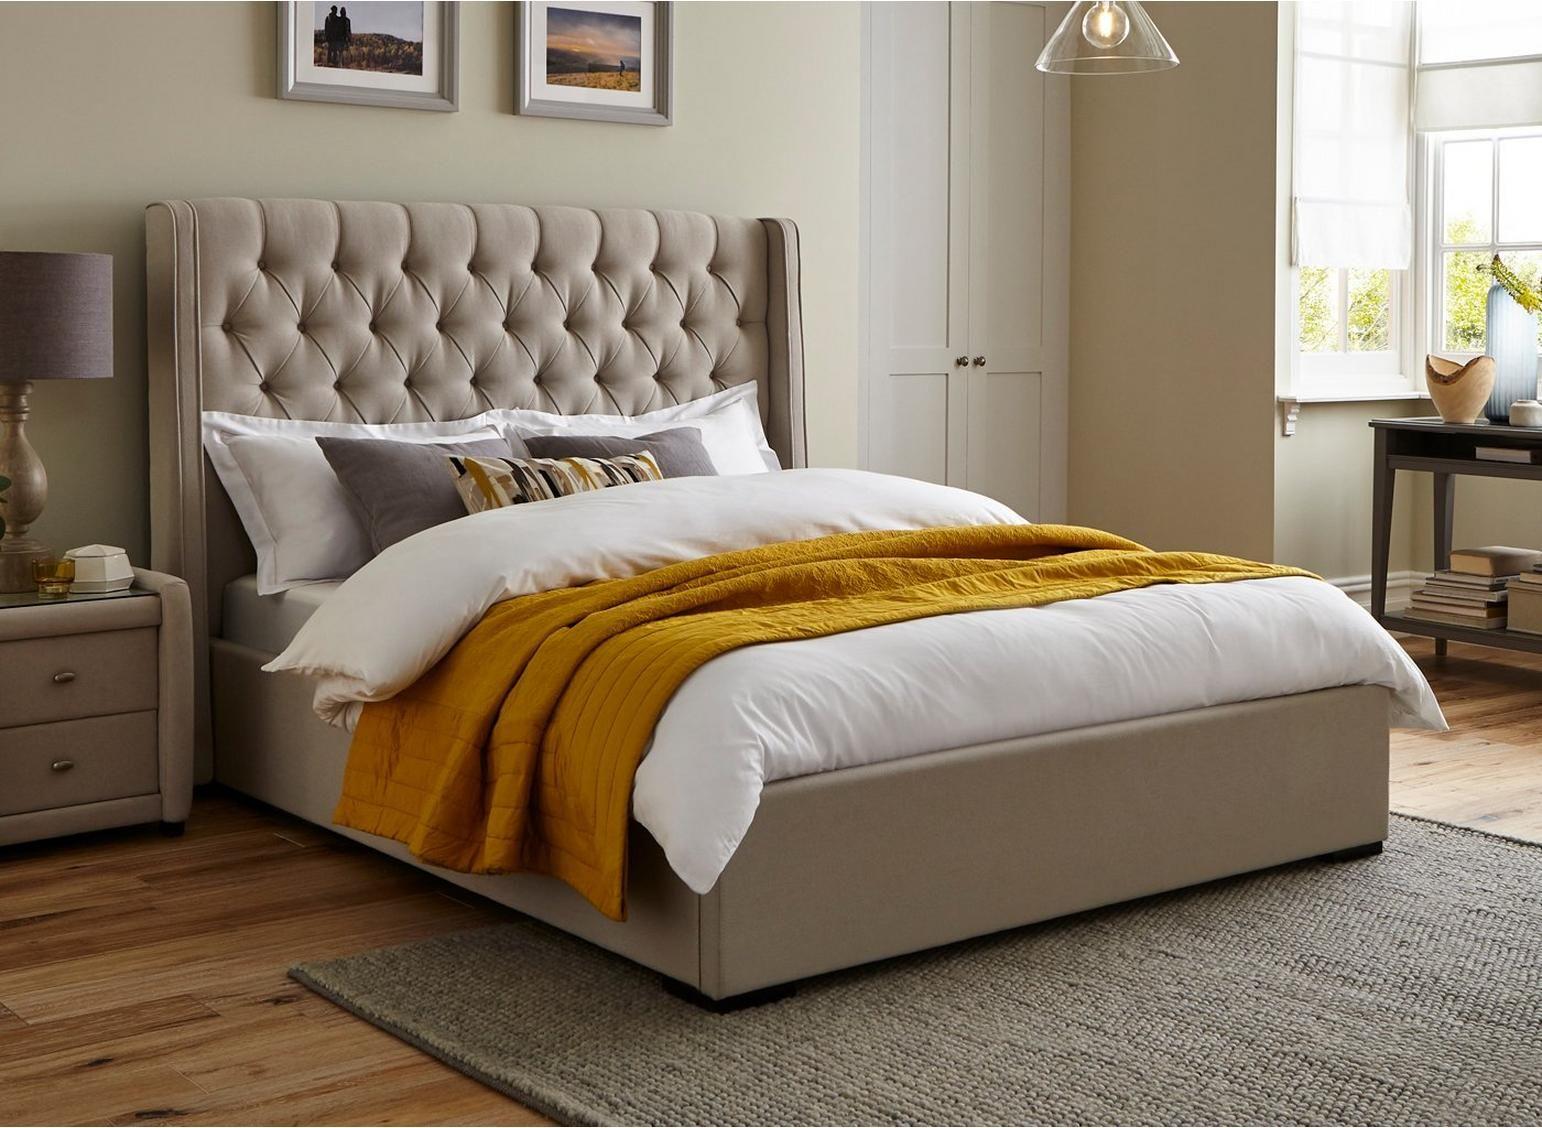 Deacon Upholstered Bed Frame in 2020 Velvet upholstered